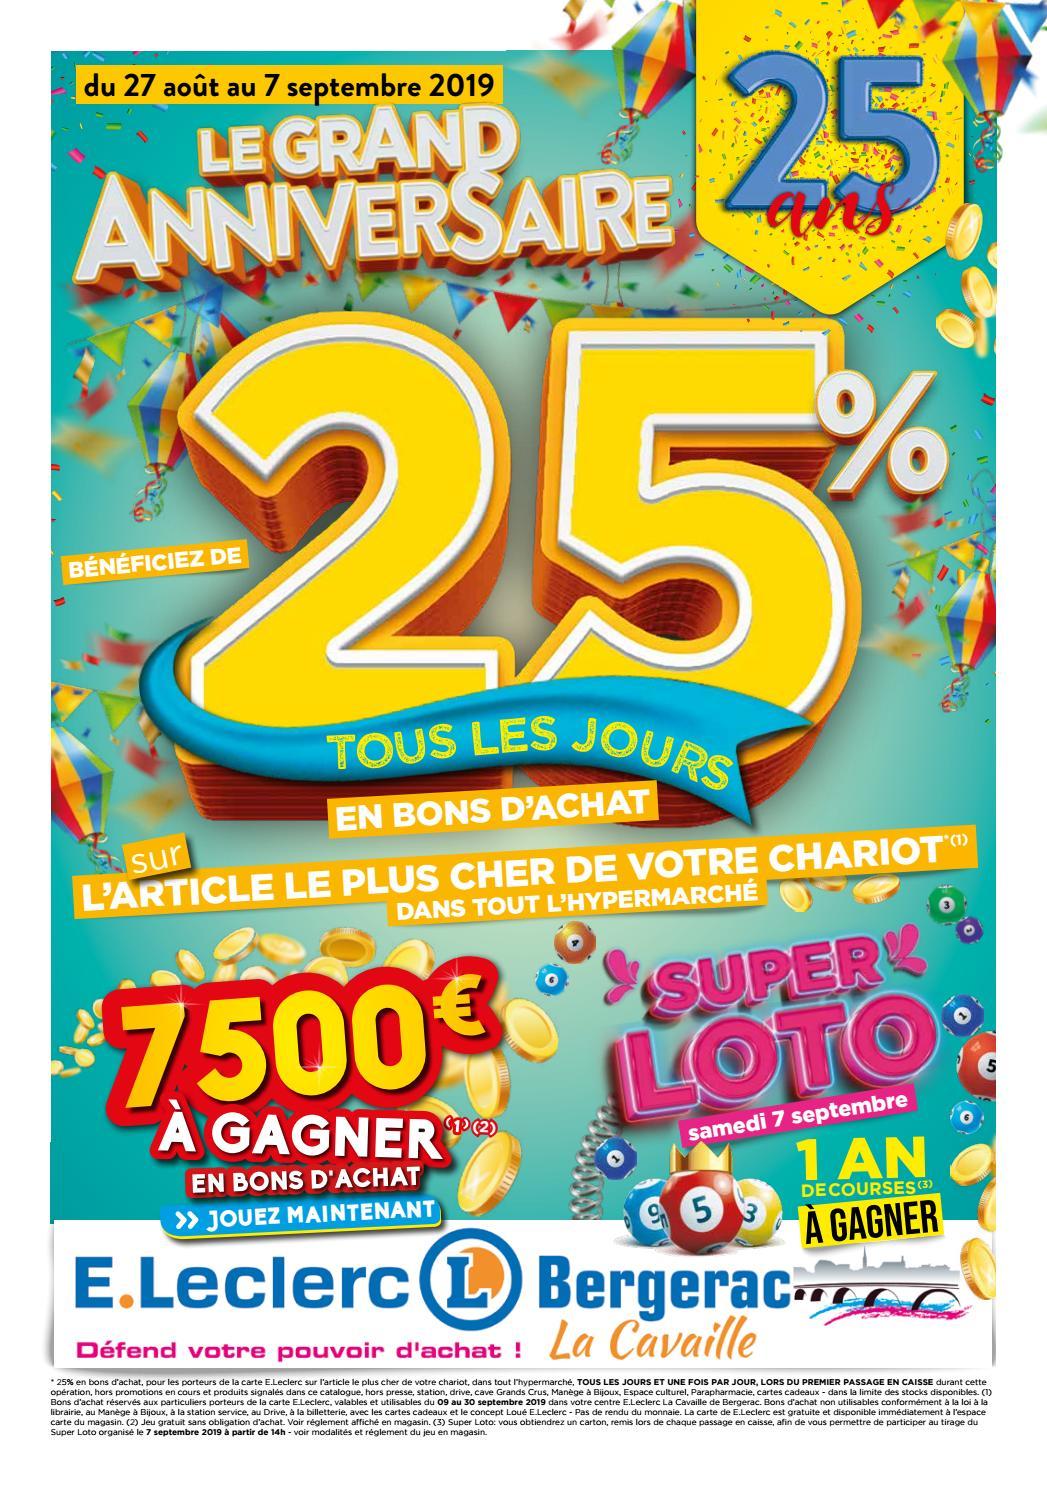 Centre Eleclerc De Bergerac Anniversaire 25 Ans By